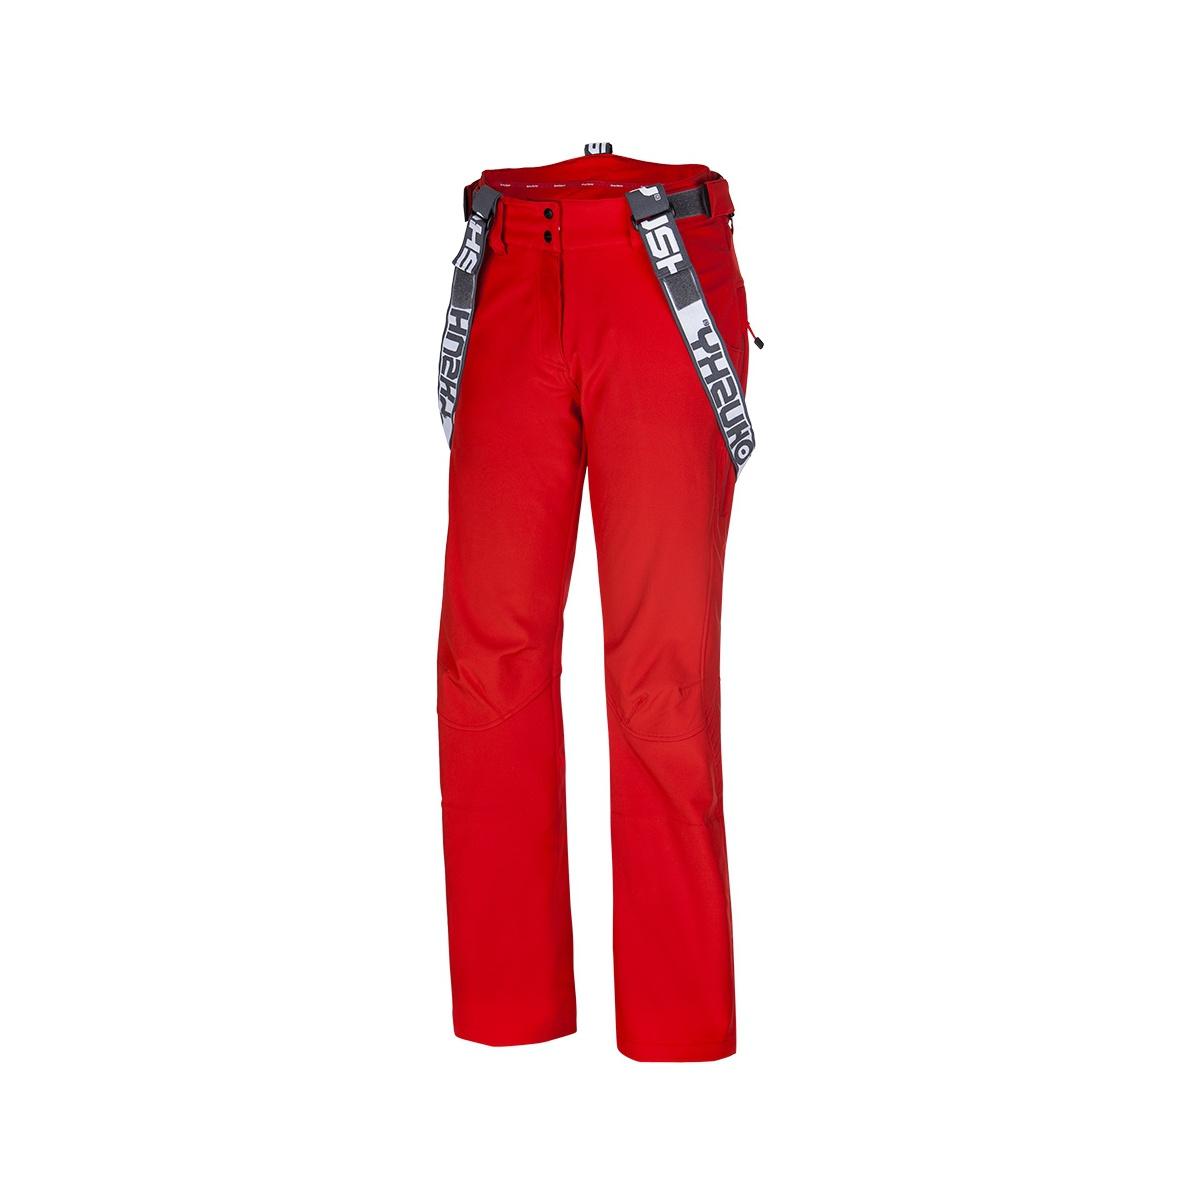 Dámské lyžařské kalhoty - Galti L – červená  01a2cd45b6